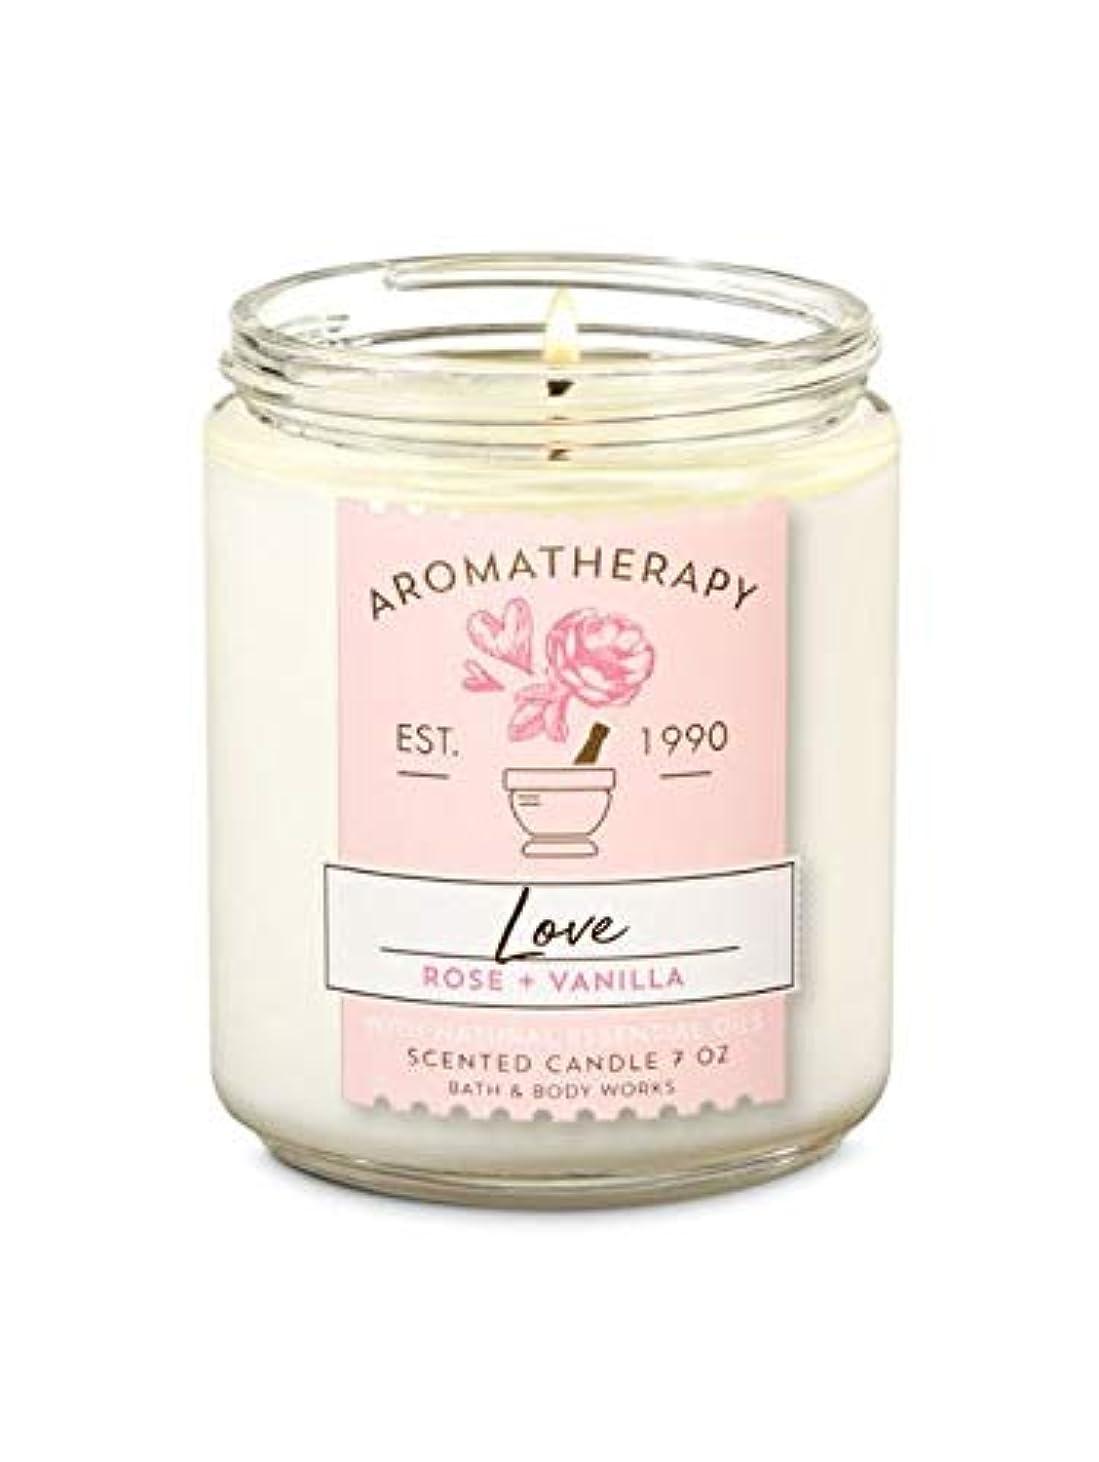 ホイストハンディ脱獄【Bath&Body Works/バス&ボディワークス】 アロマキャンドル アロマセラピー ラブ ローズバニラ Aromatherapy 1-Wick Scented Candle LOVE Rose Vanilla 7oz/198g [並行輸入品]